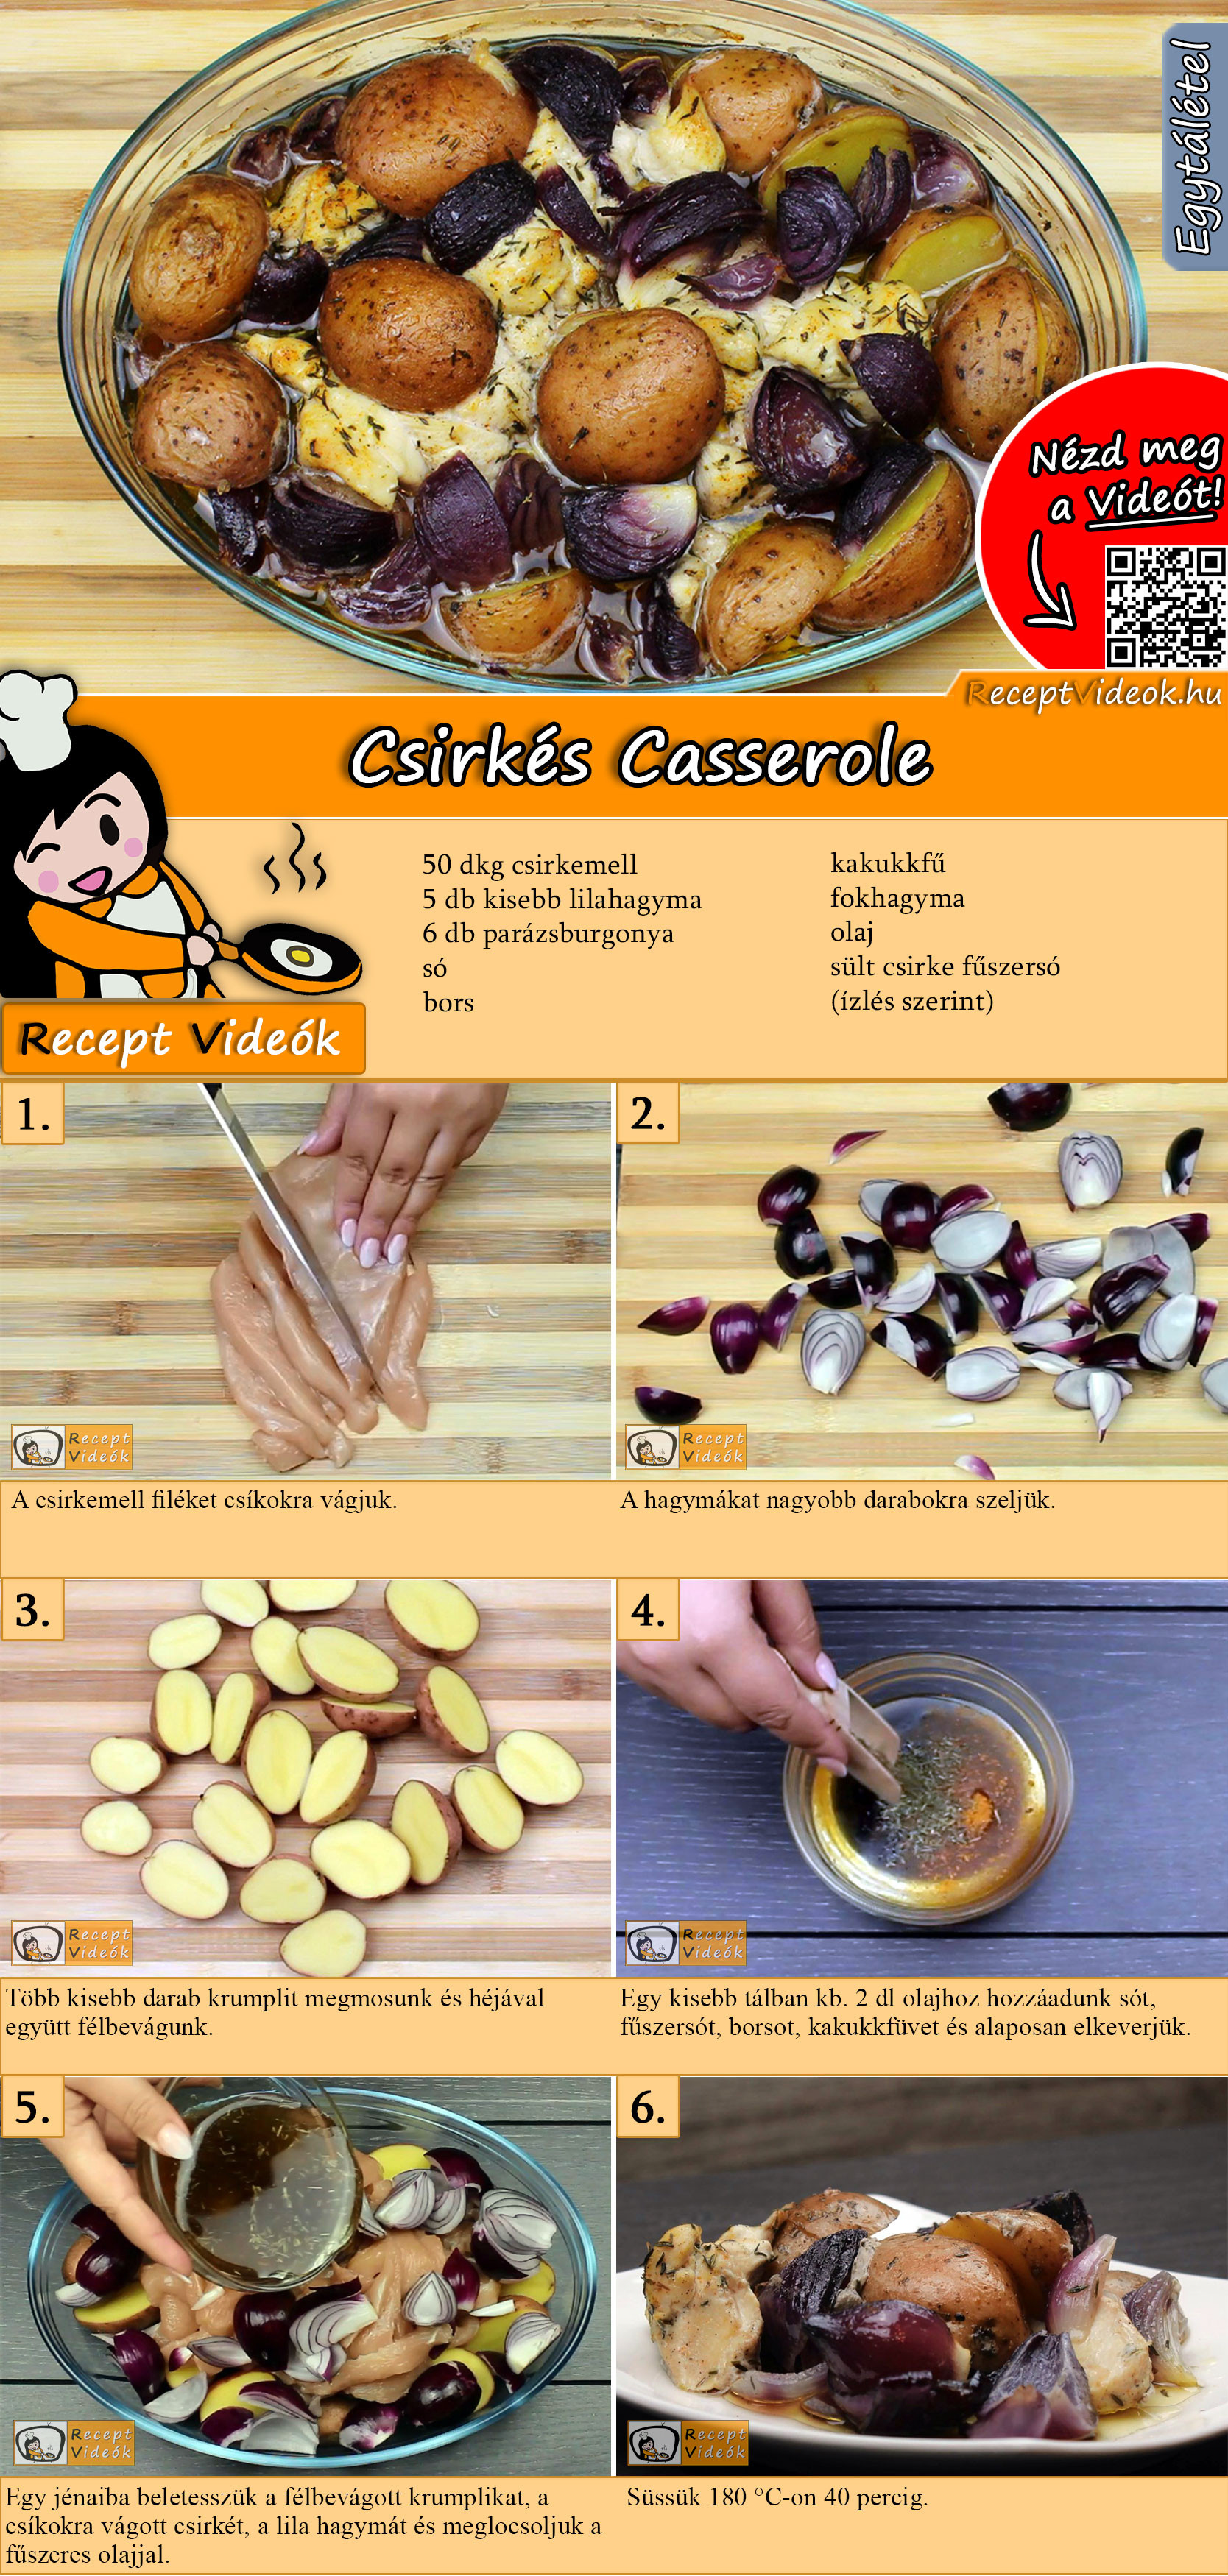 Csirkés Casserole recept elkészítése videóval